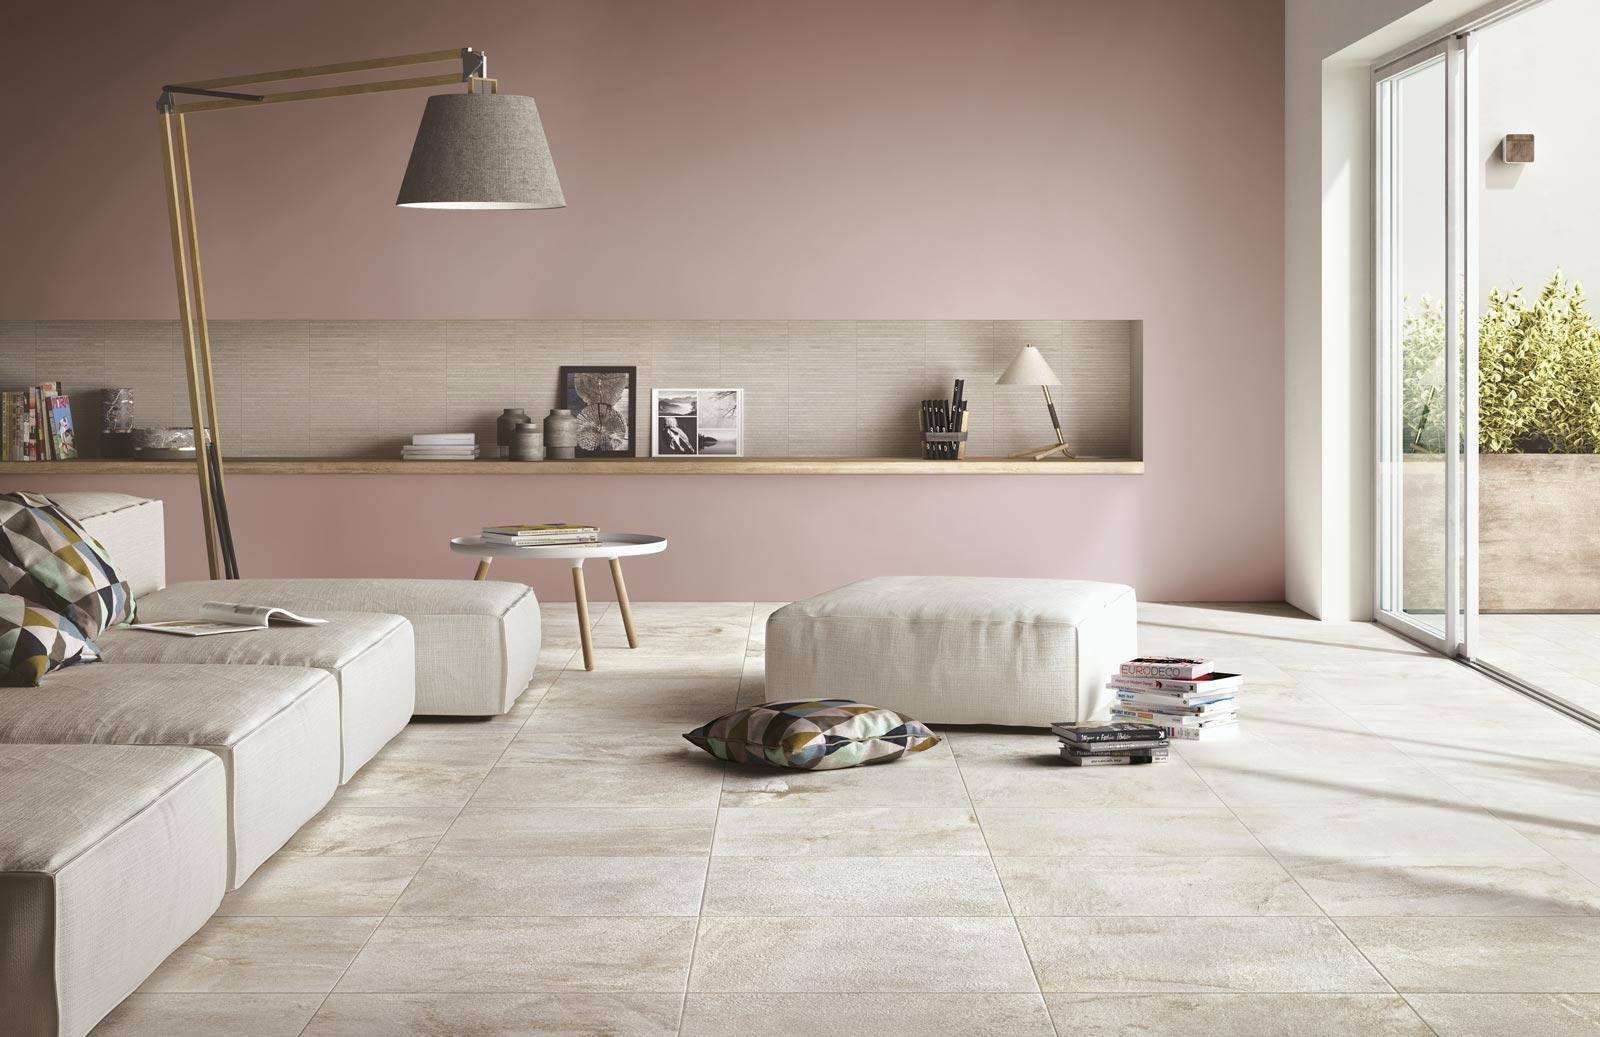 piastrelle effetto pietra : Piastrelle Effetto Pietra: per interni ed esterni Ragno